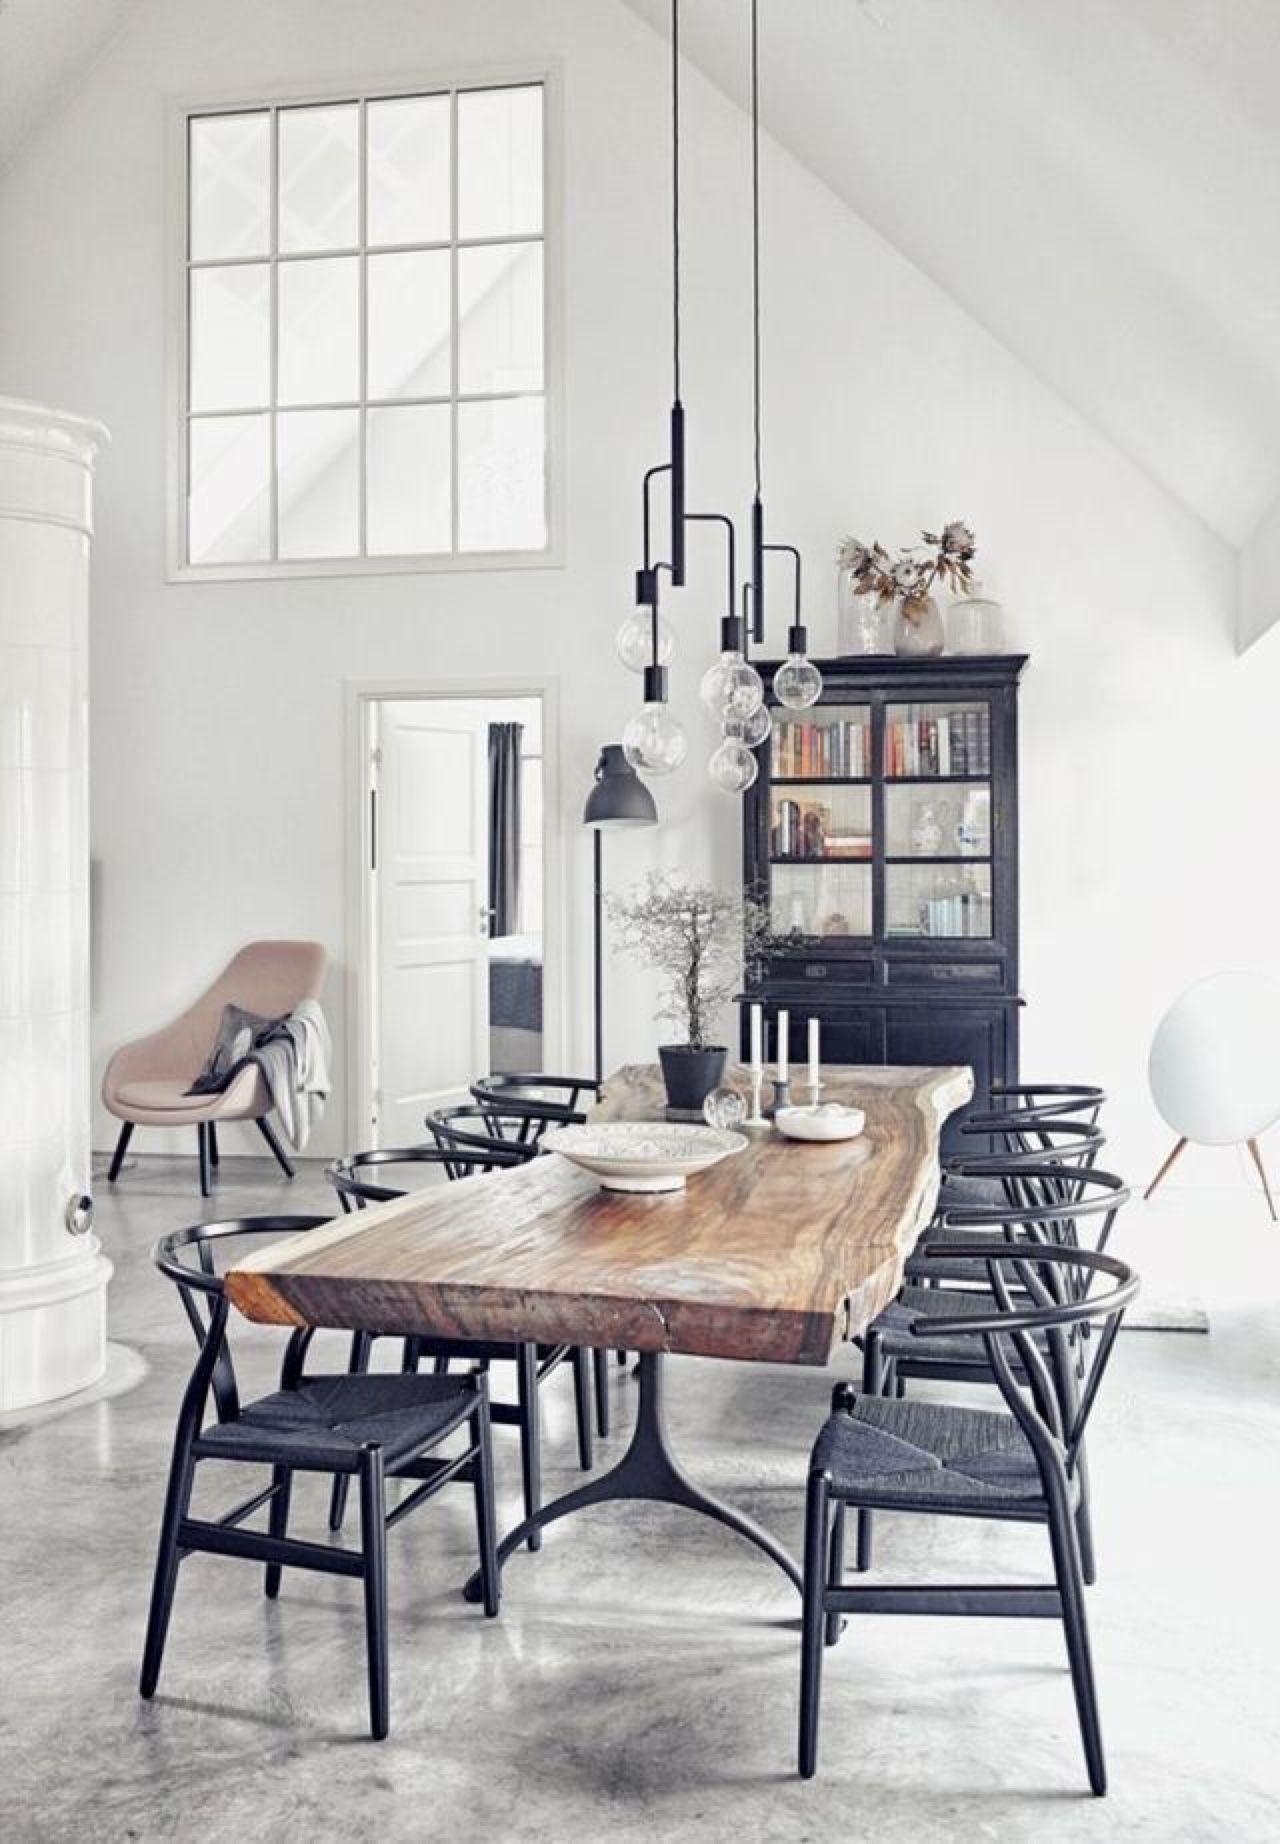 Rustikale esszimmerbeleuchtung ideen pin von anna karpasov auf dining rooms  pinterest  esszimmer